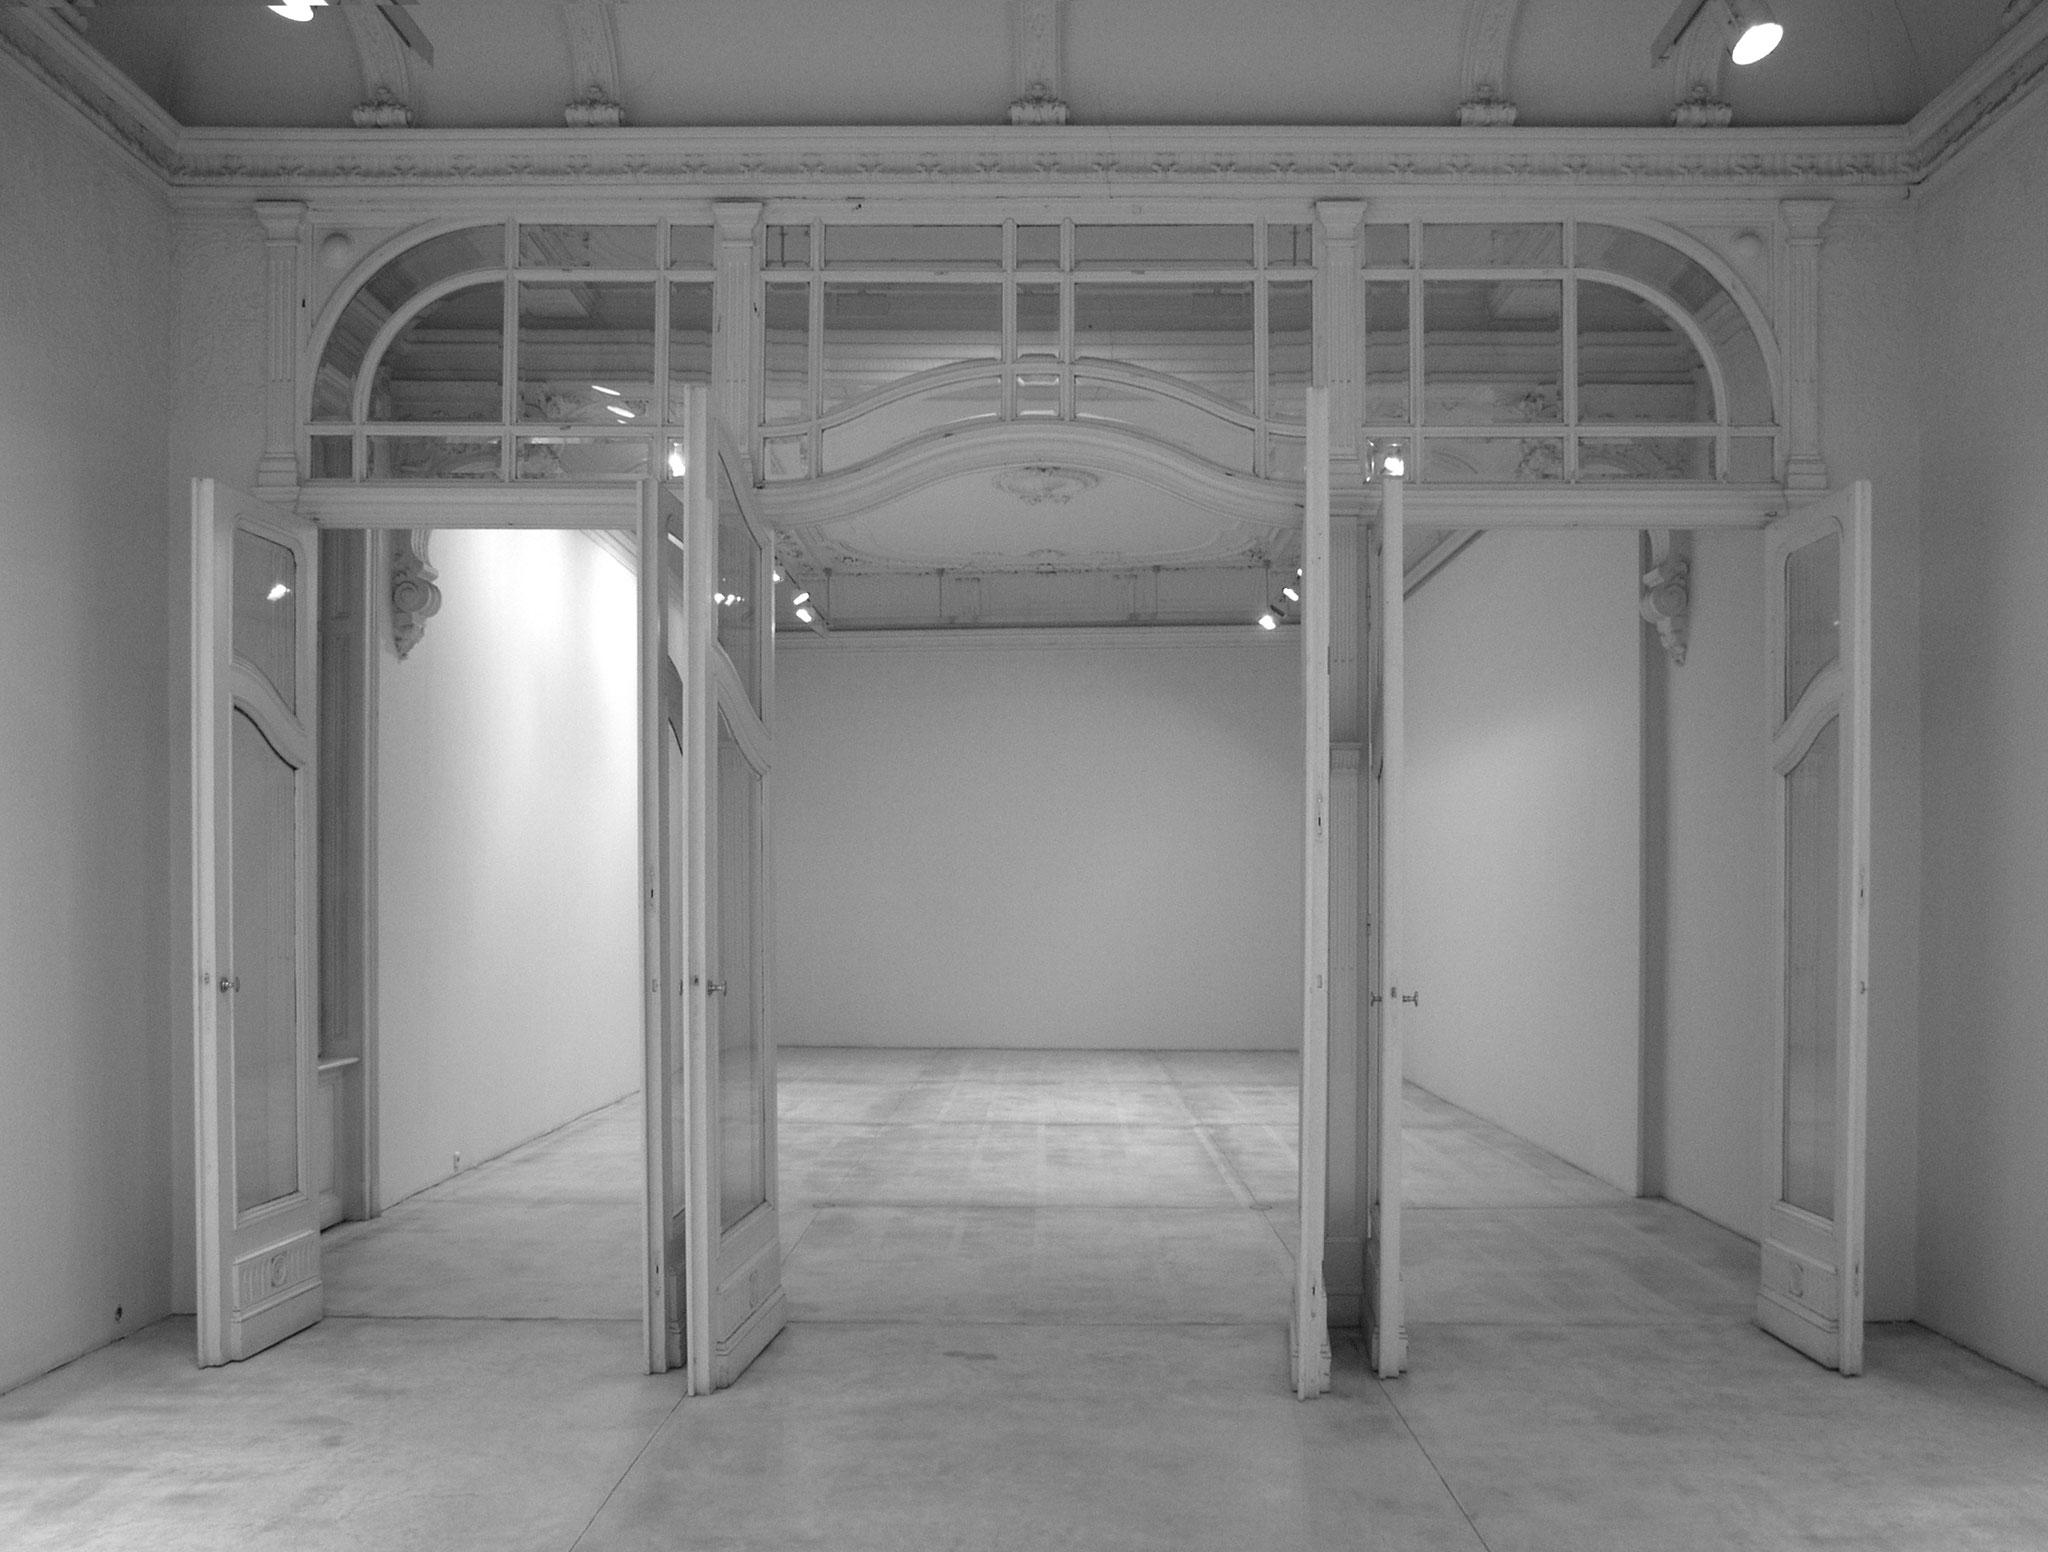 Galerie Krinzinger Wien